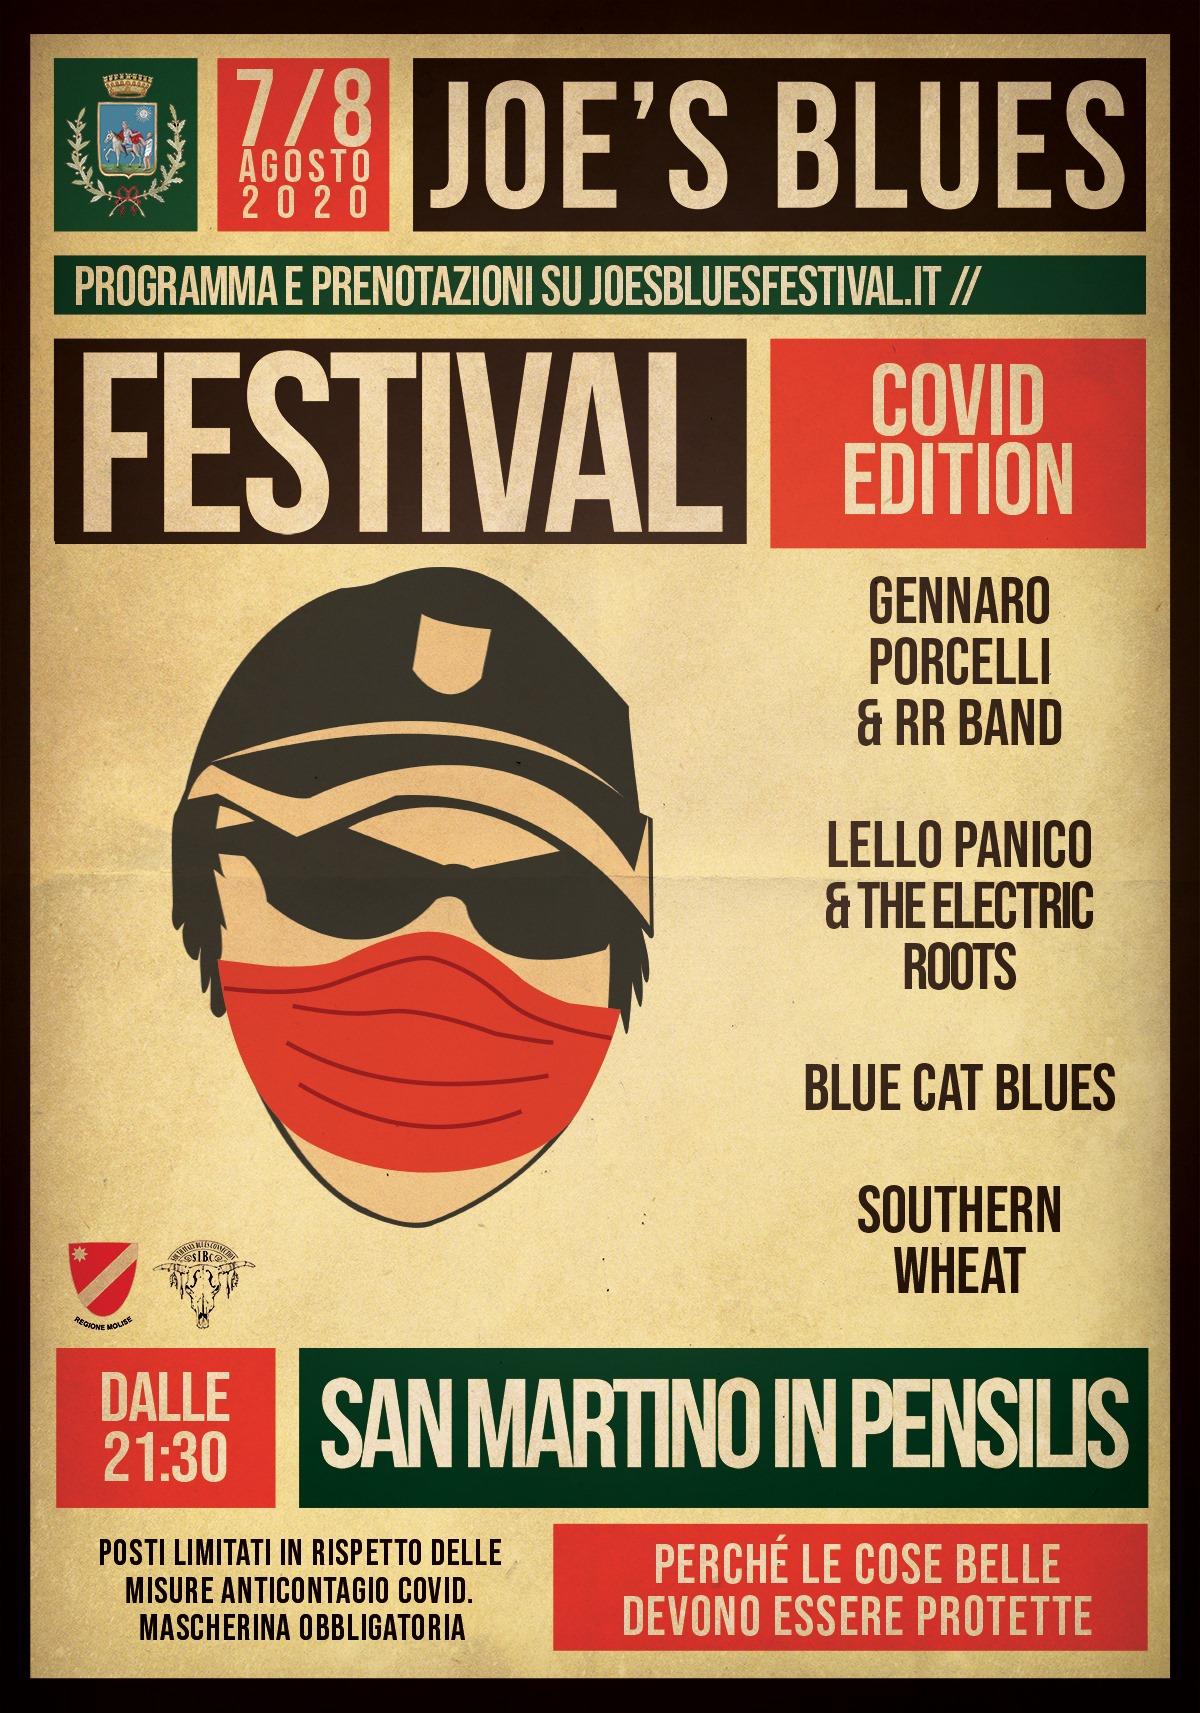 Joe's Blues Festival - 2020